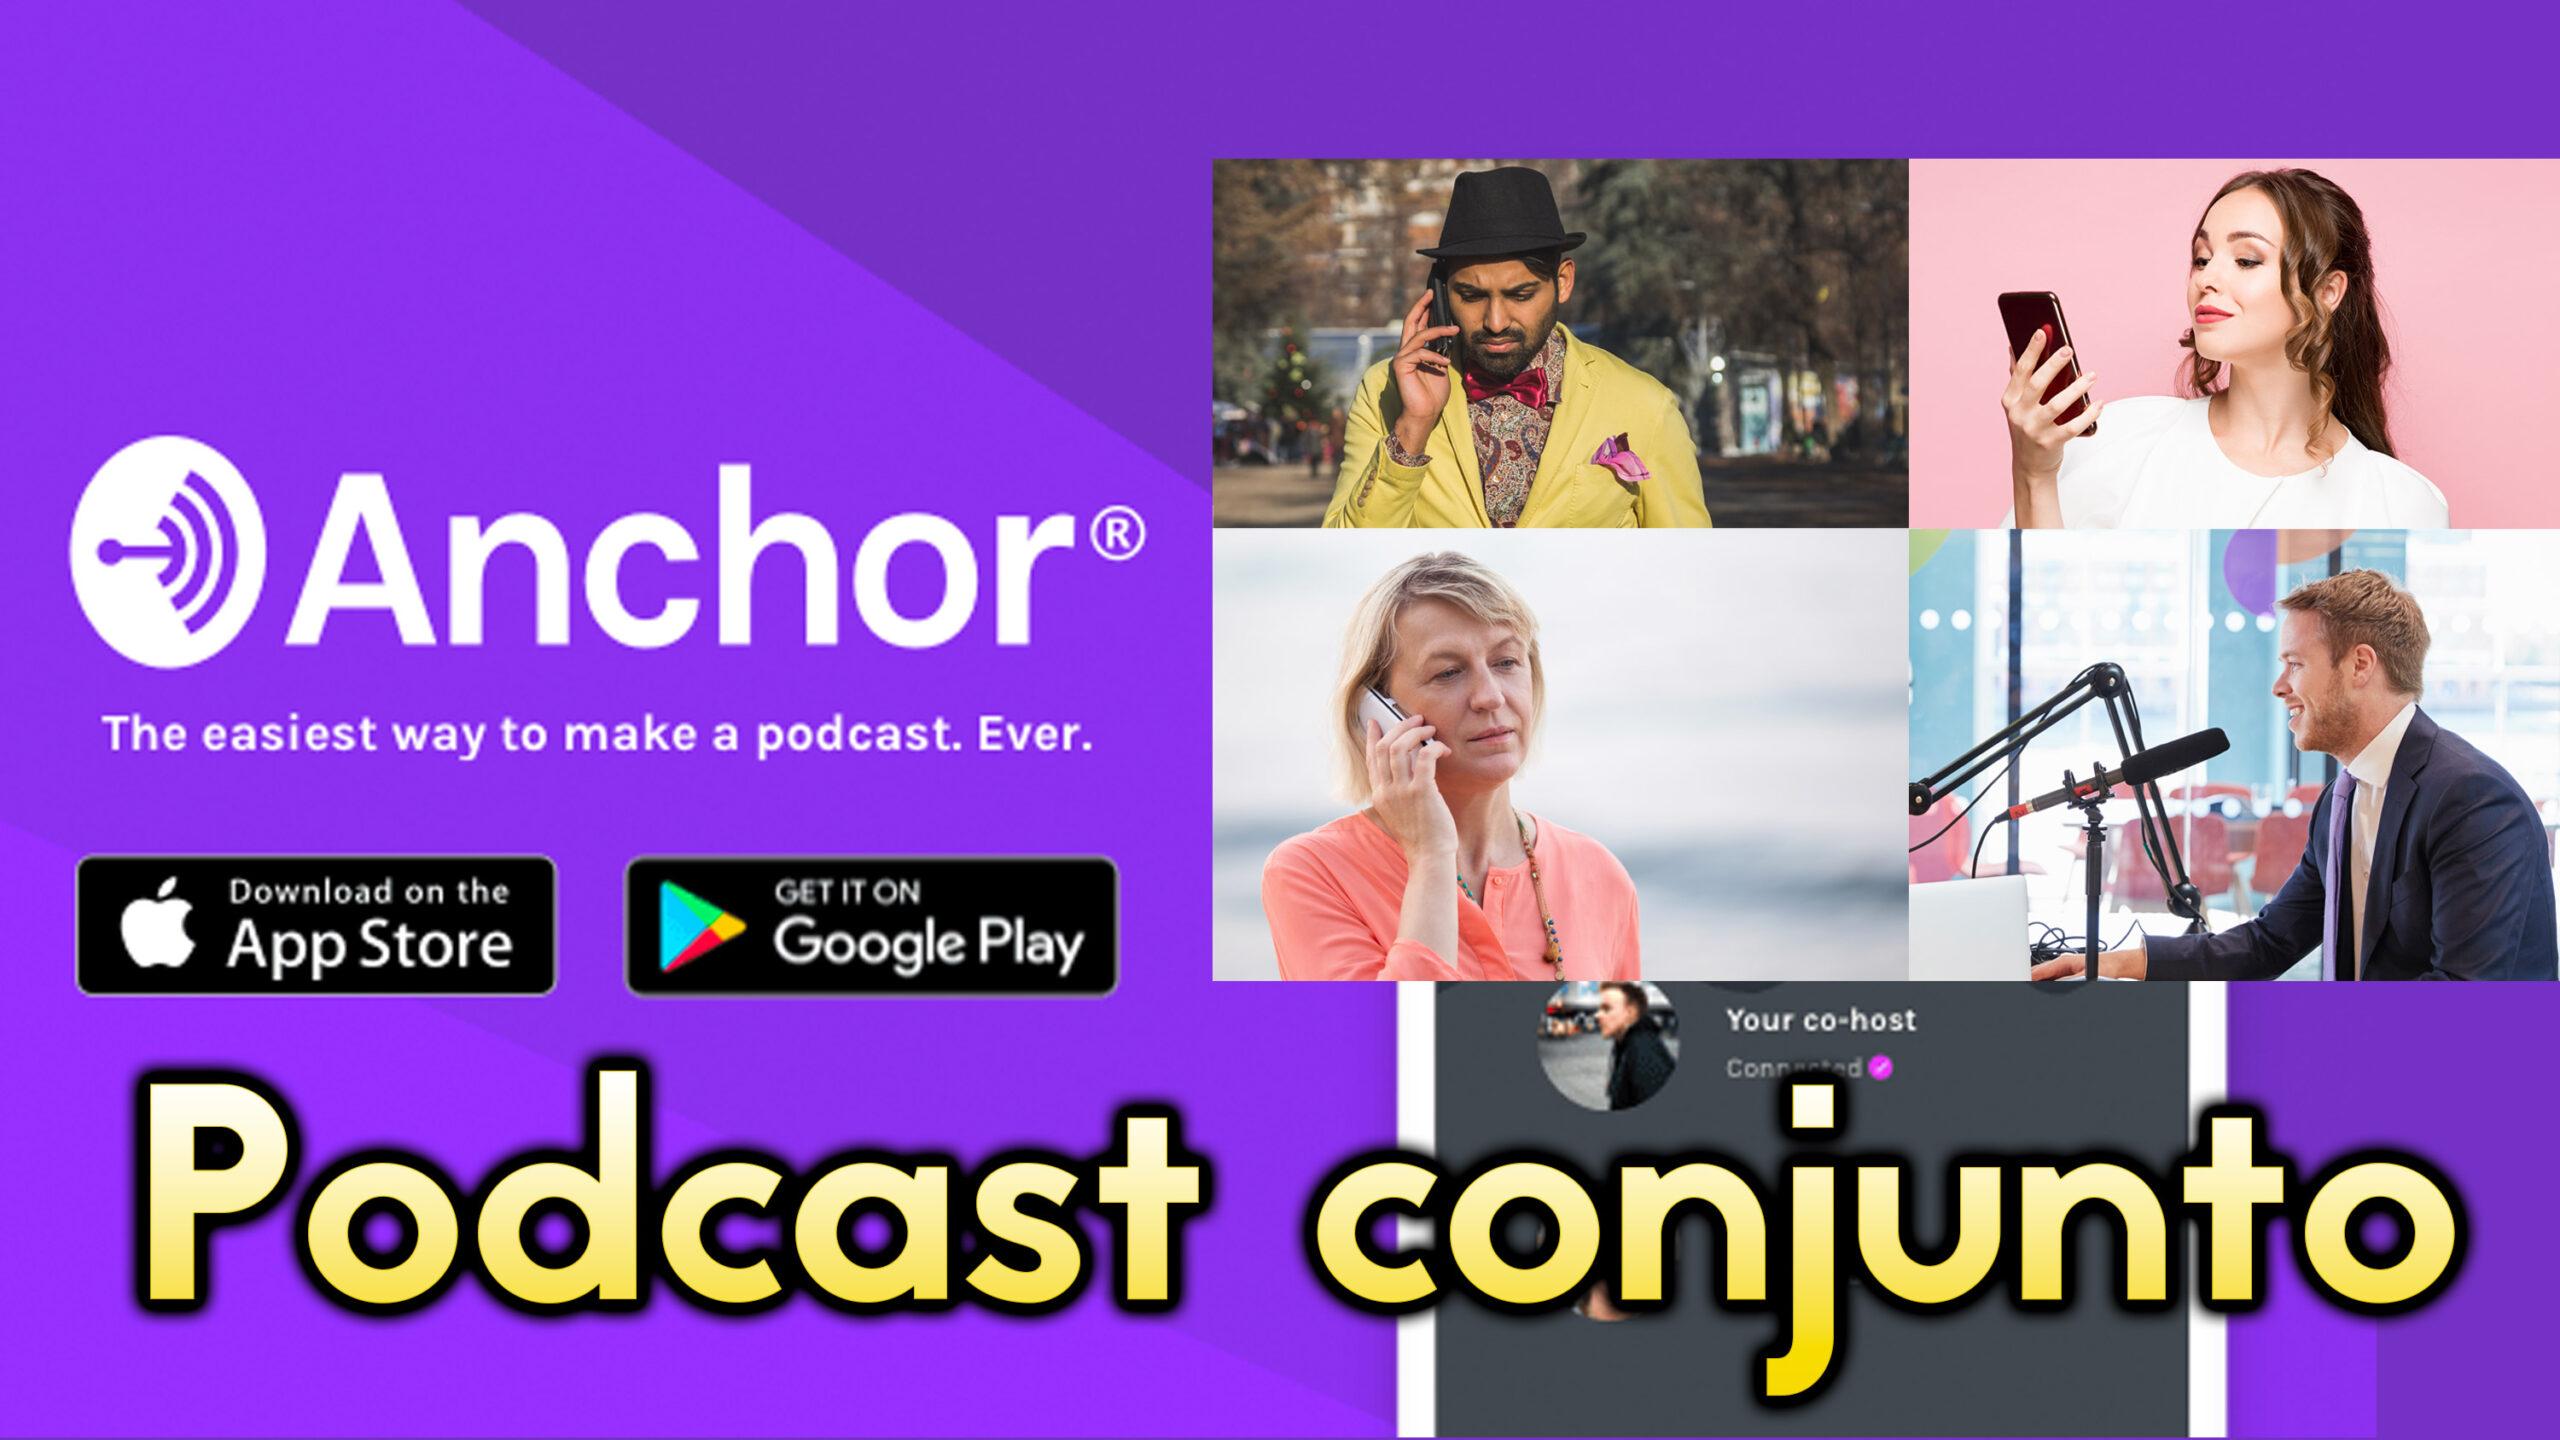 Cómo hacer un podcast colaborativo gratis con Anchor